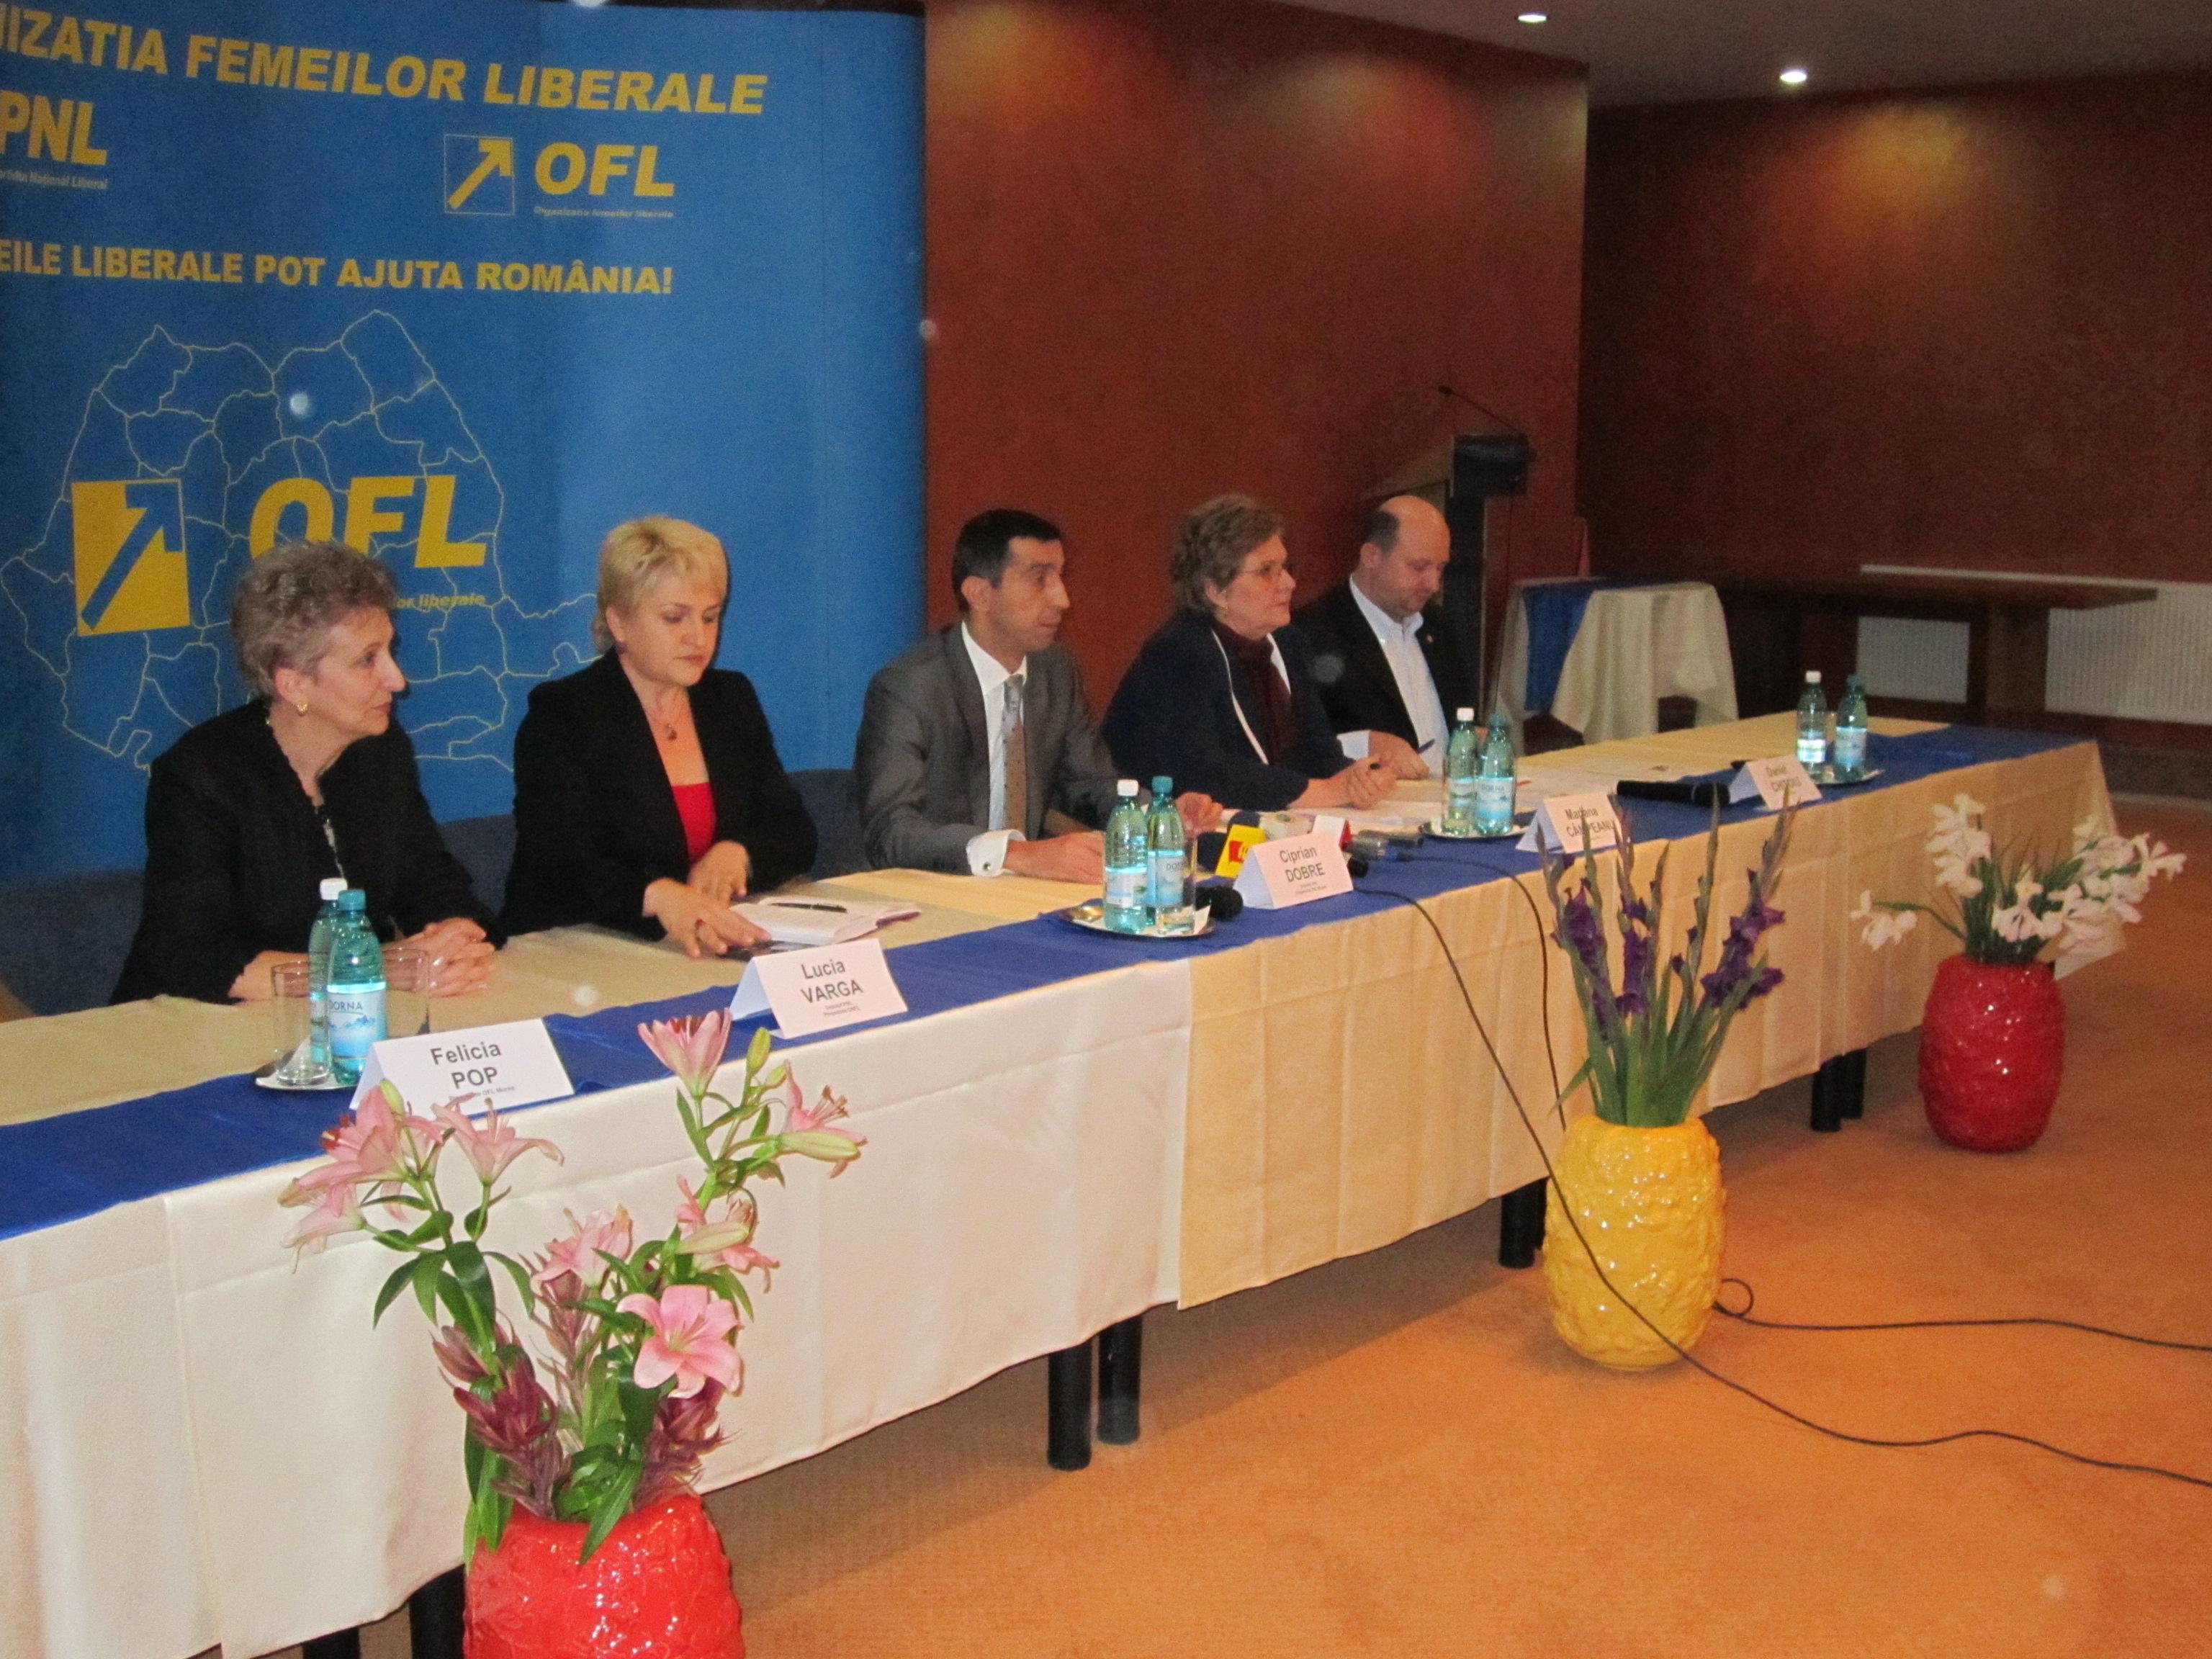 Partidul Naţional Liberal propune regândirea sistemului de pensii şi introducerea tichetelor sociale.